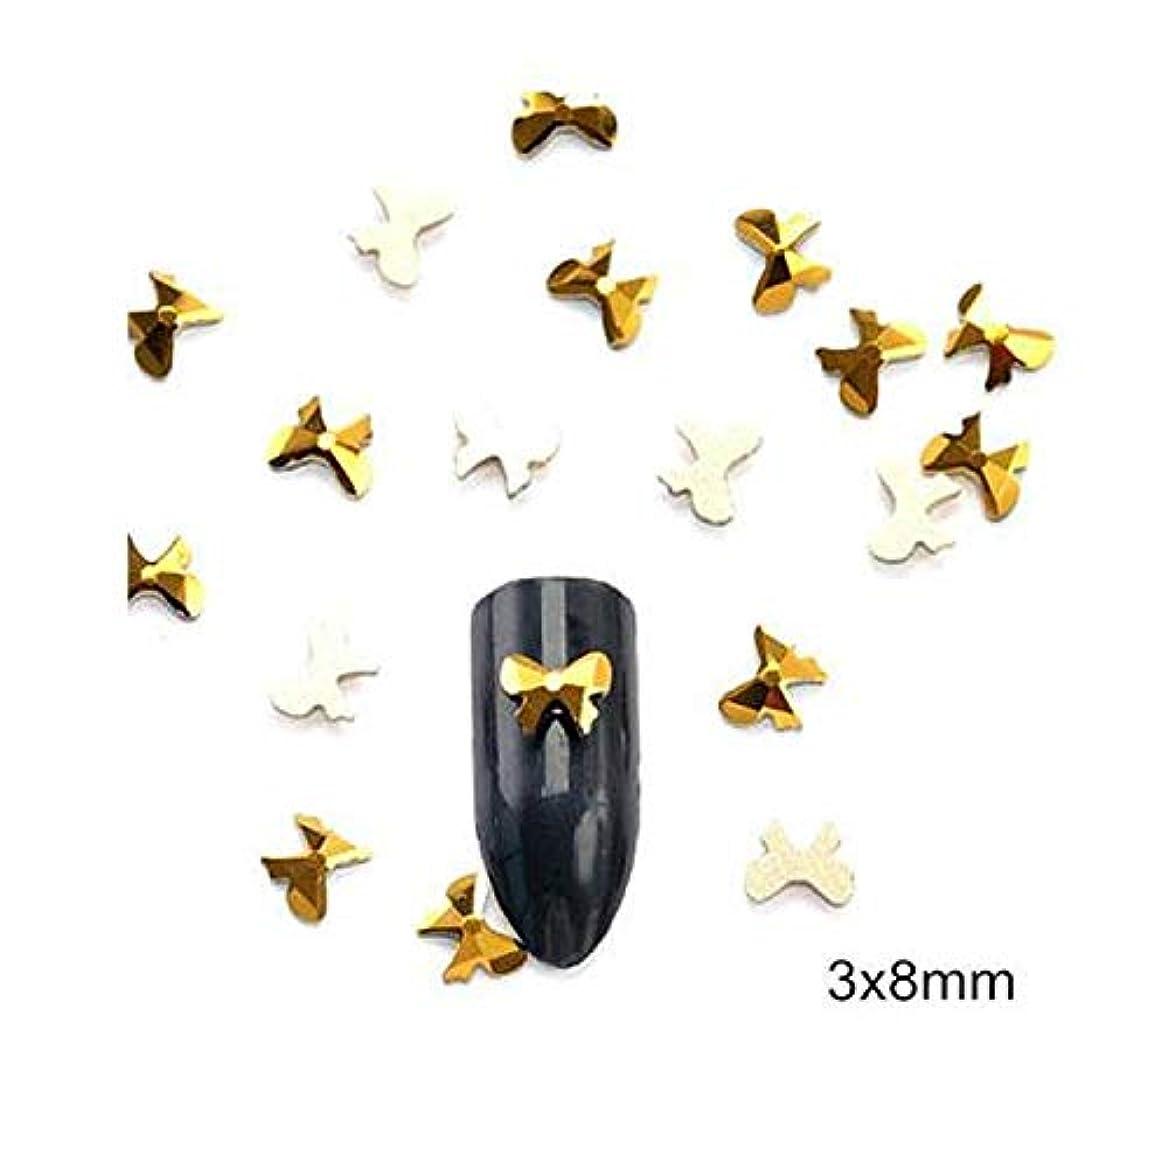 少数ハイブリッド香港Flysea ダイヤモンドゴールド完全な形のネイルステッカースーパーフラッシュネイルジュエリーフラットドリルはネイルズアートの装飾結晶が設定したドリル(12グリッドボックス) (色 : Bow 10PCS)